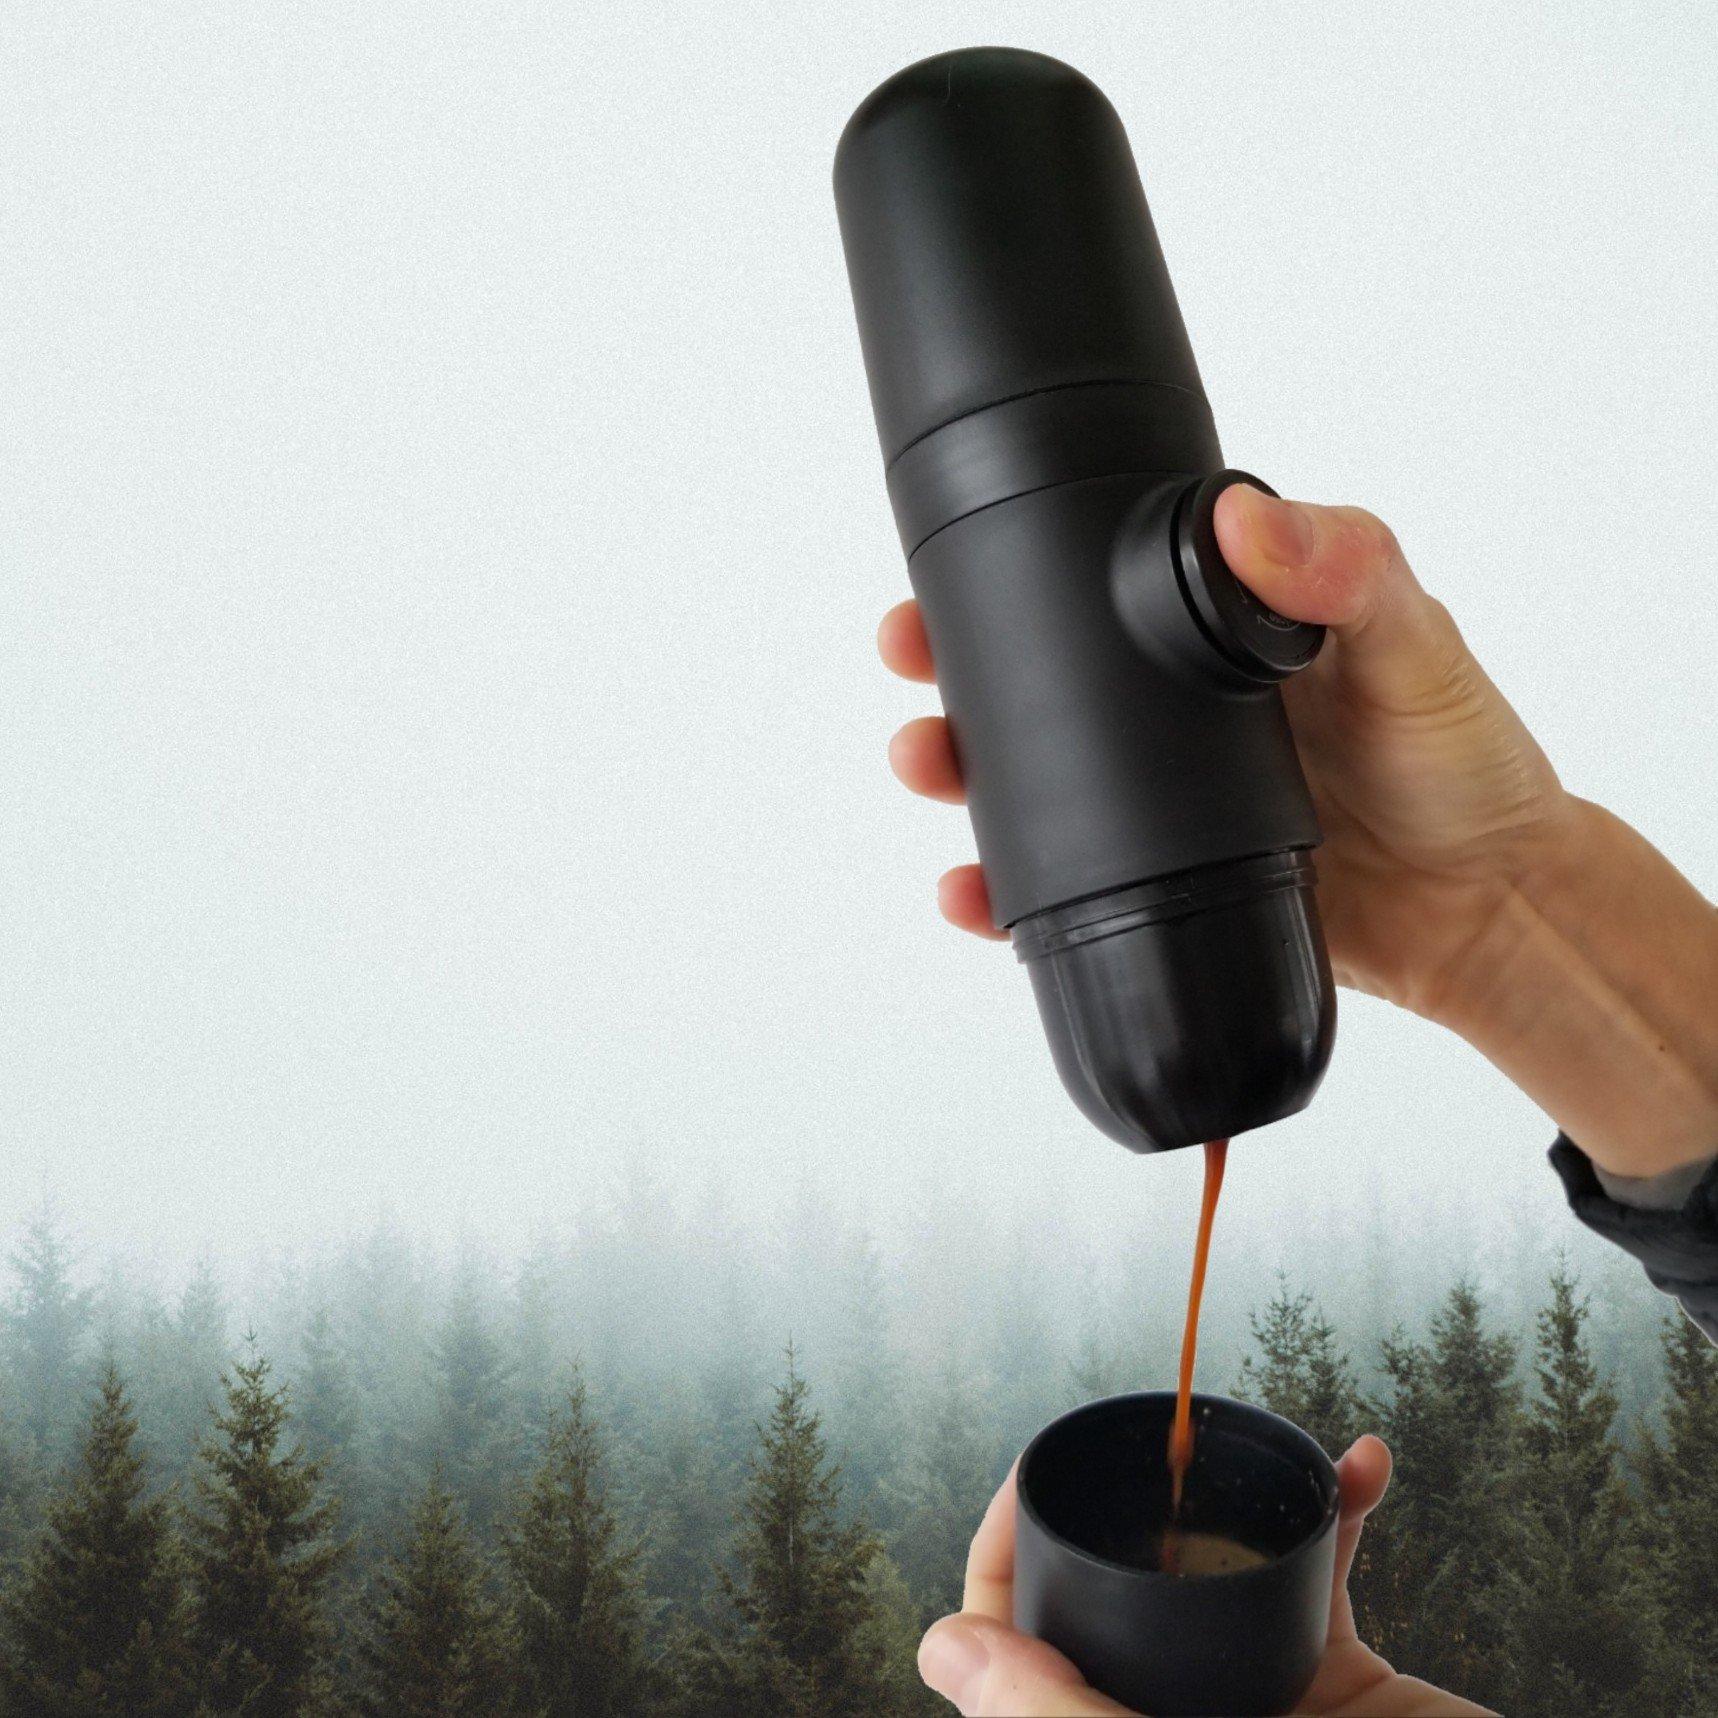 Cliquez ici pour acheter Espresso on the go coffee maker